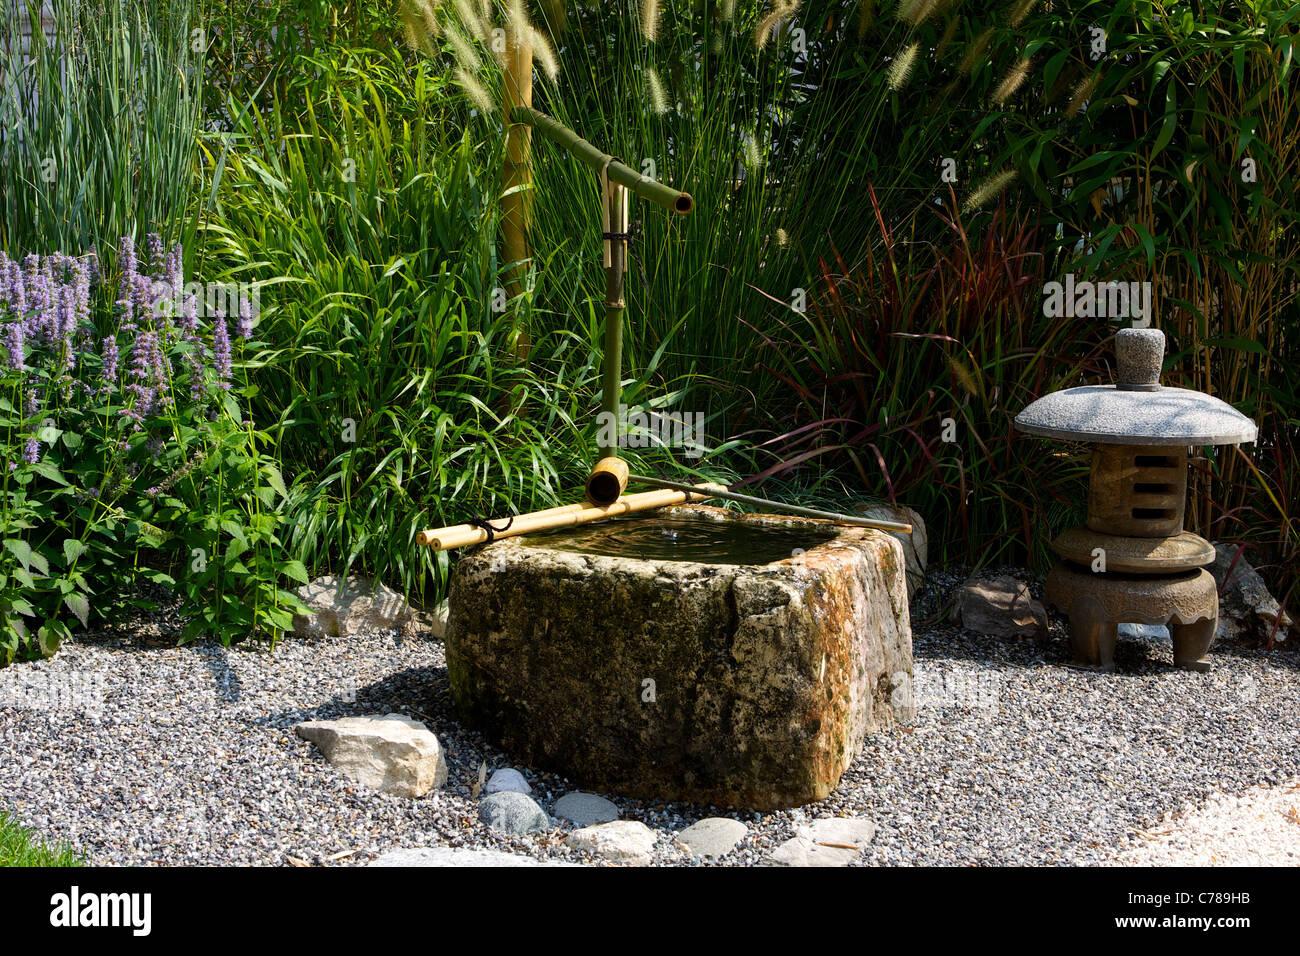 Japanischer Garten Mit Weg Aus Kies, Pflanzen, Wasser, Bambus